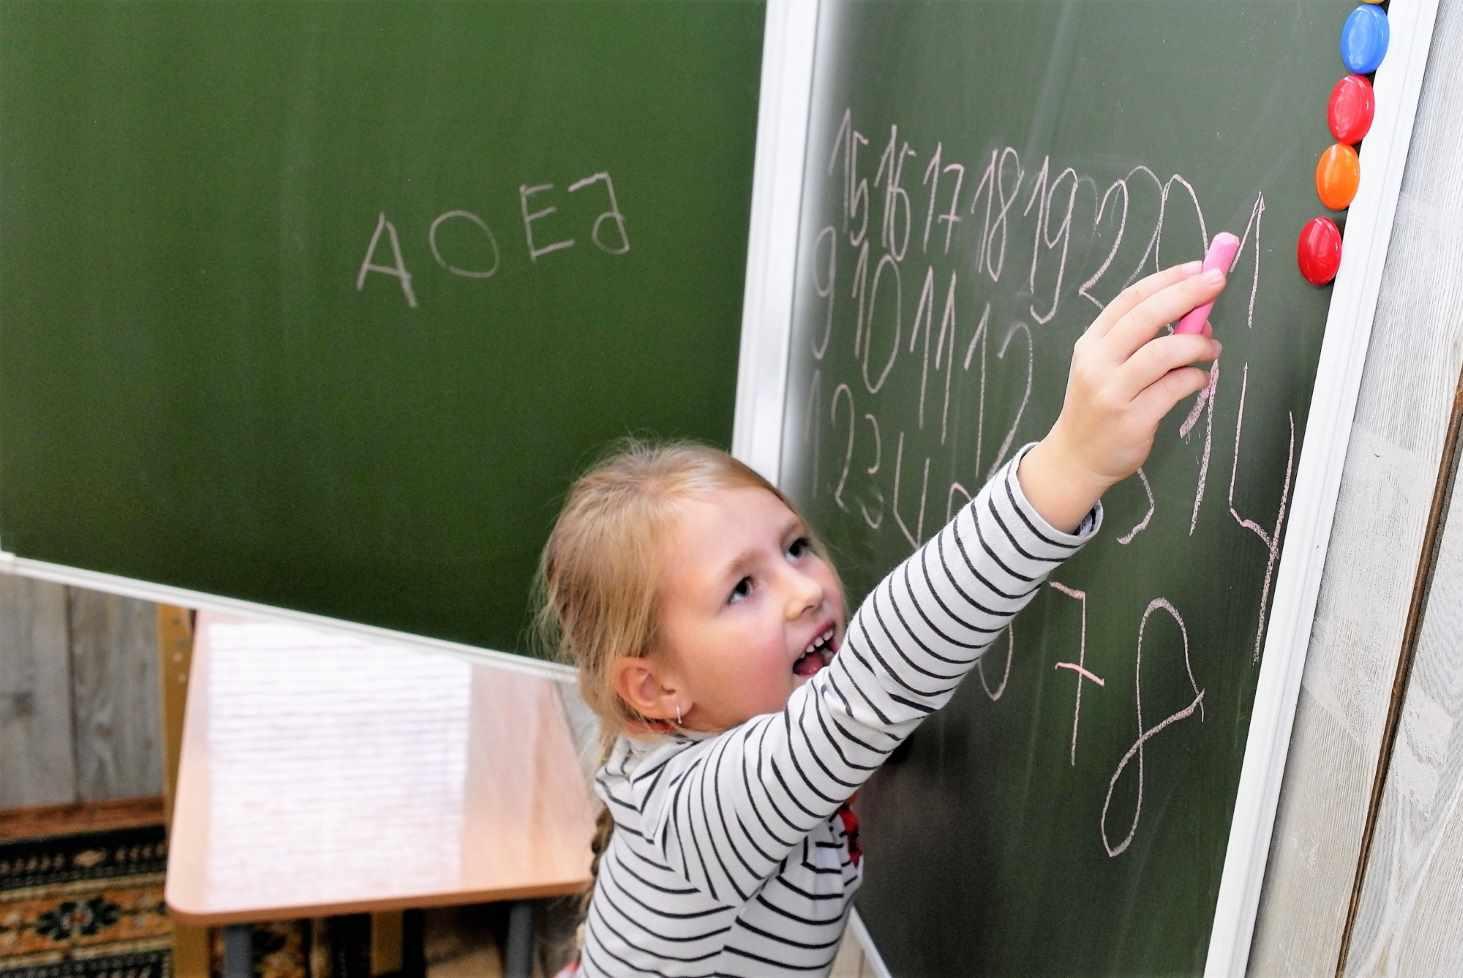 olga-vasileva-rossiya-razvivaet-variativnost-obrazovaniya-detej-s-ovz